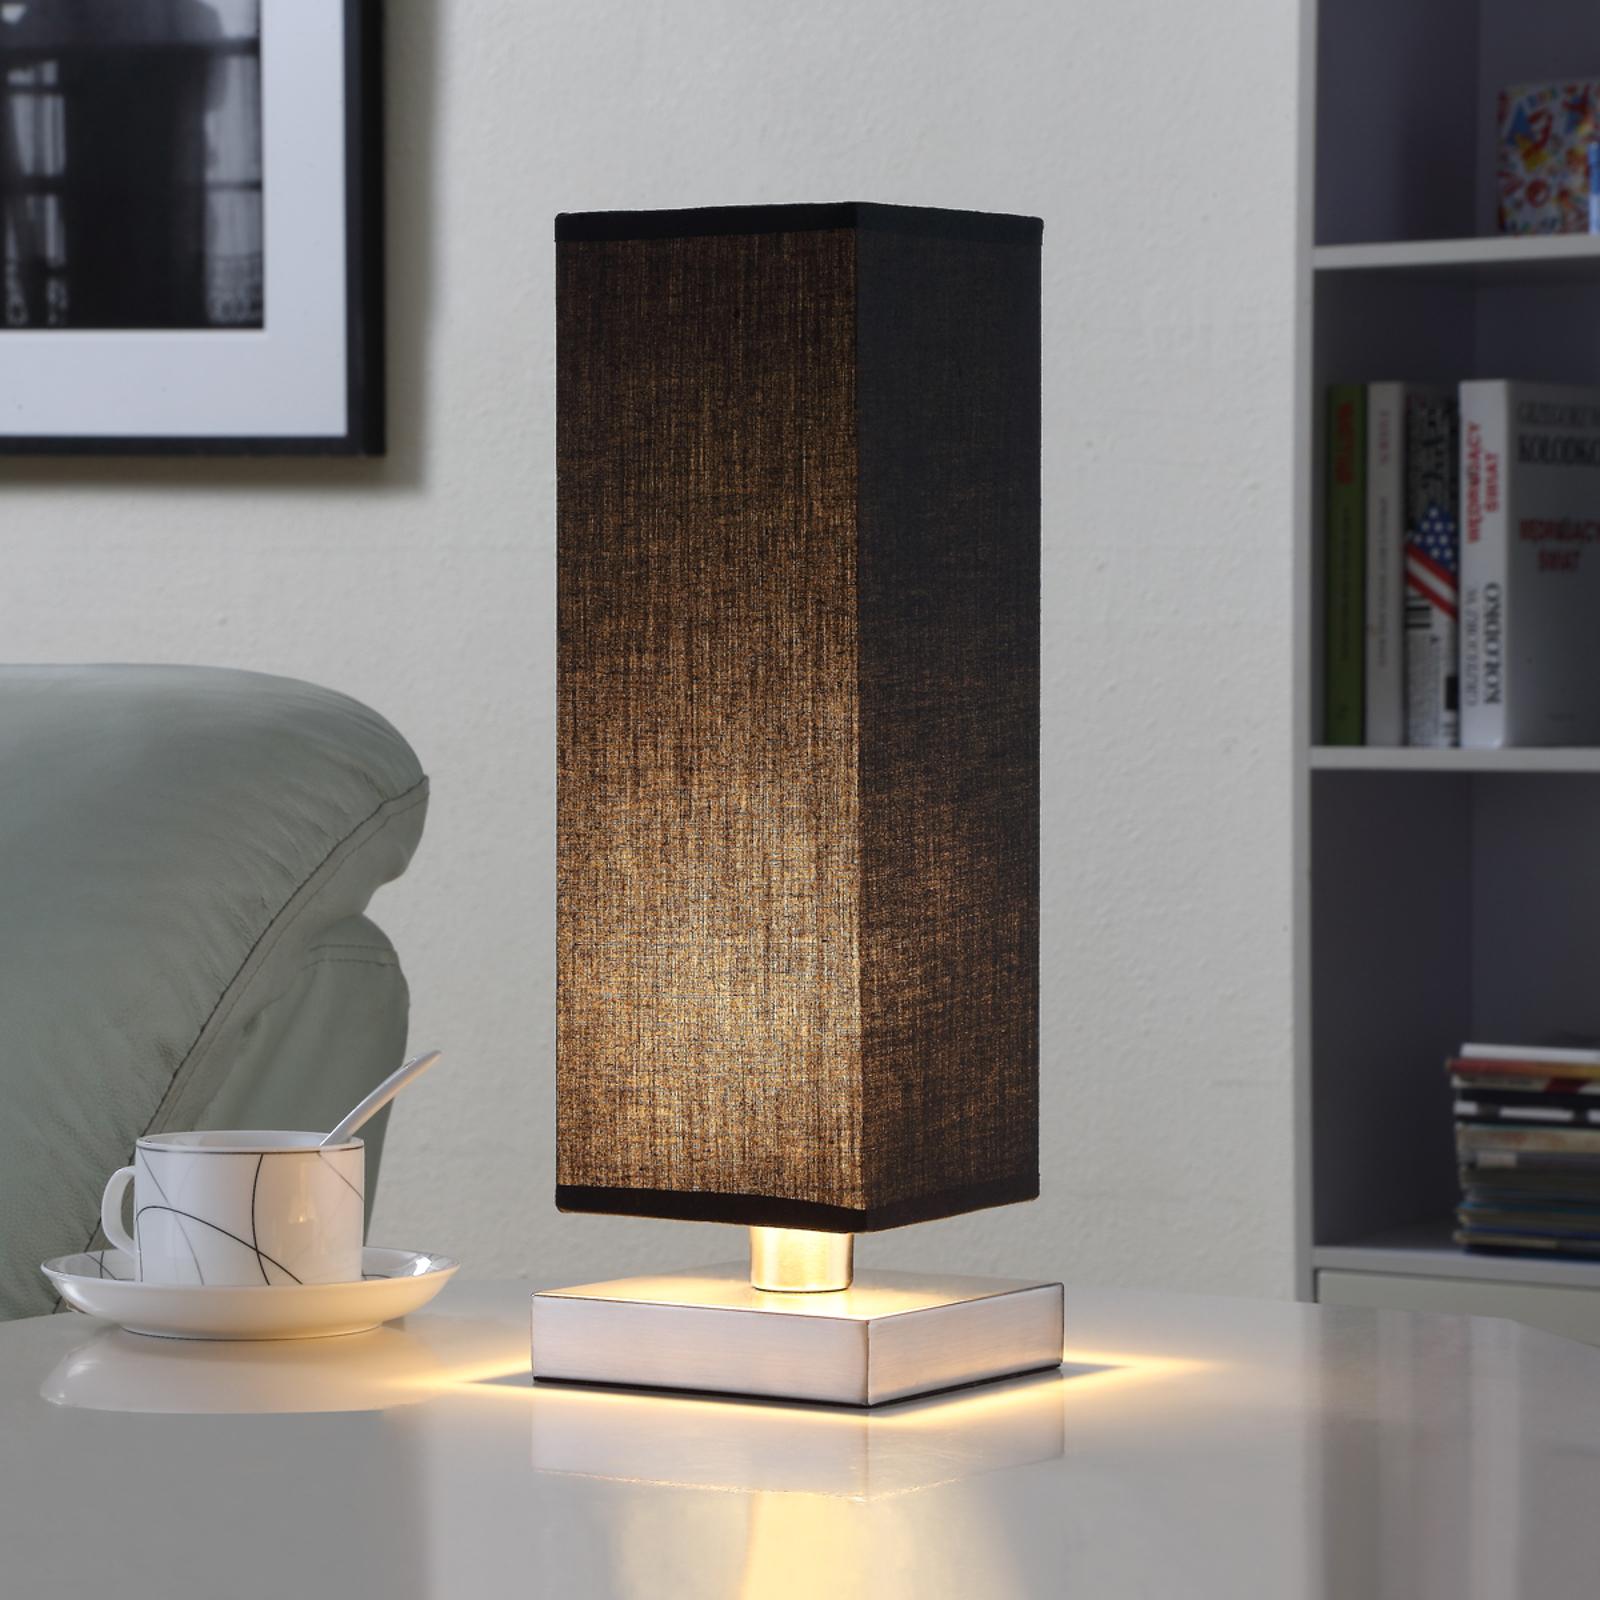 Musta kangaspöytävalaisin Martje, LED-lampulla